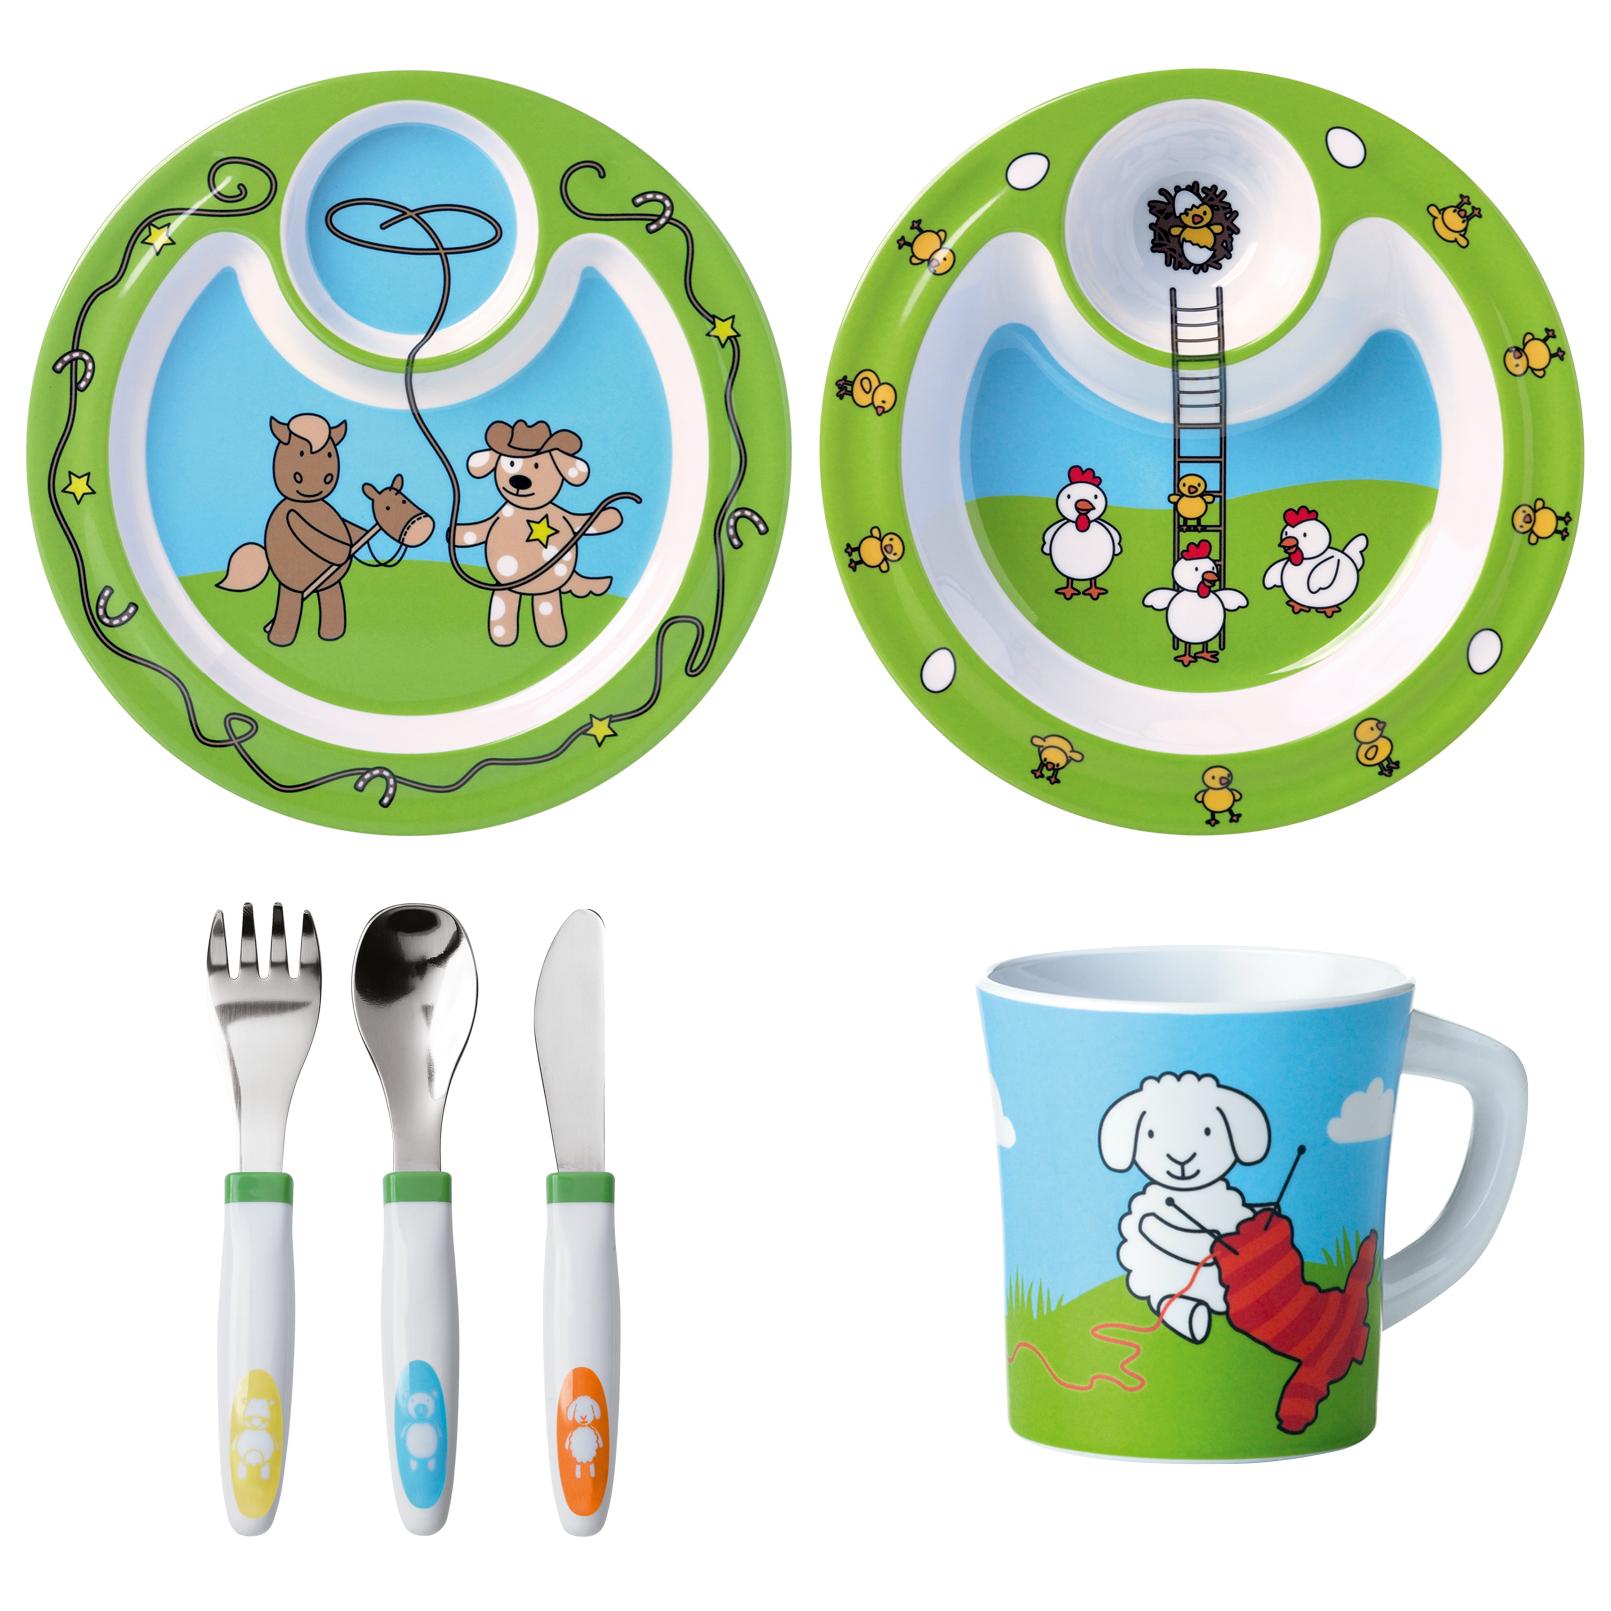 EMSA 509096 FARM FAMILY Geschenk-Set 6-teilig mit flachem Teller, tiefem Teller, 3er-Besteck und Tasse